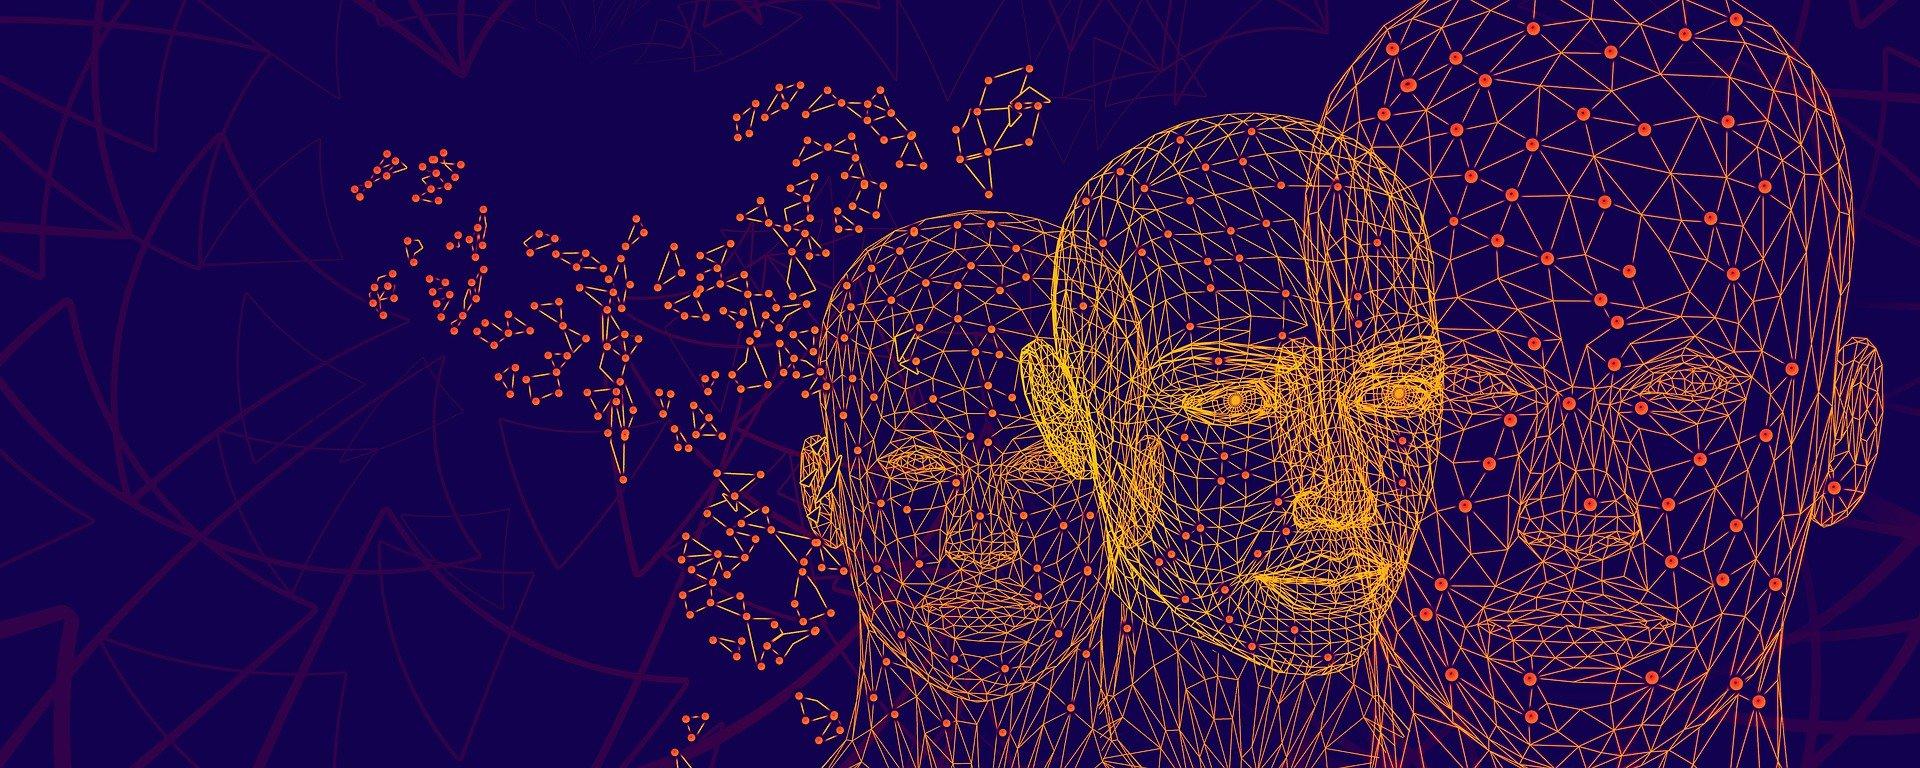 Guidance on Digital identity